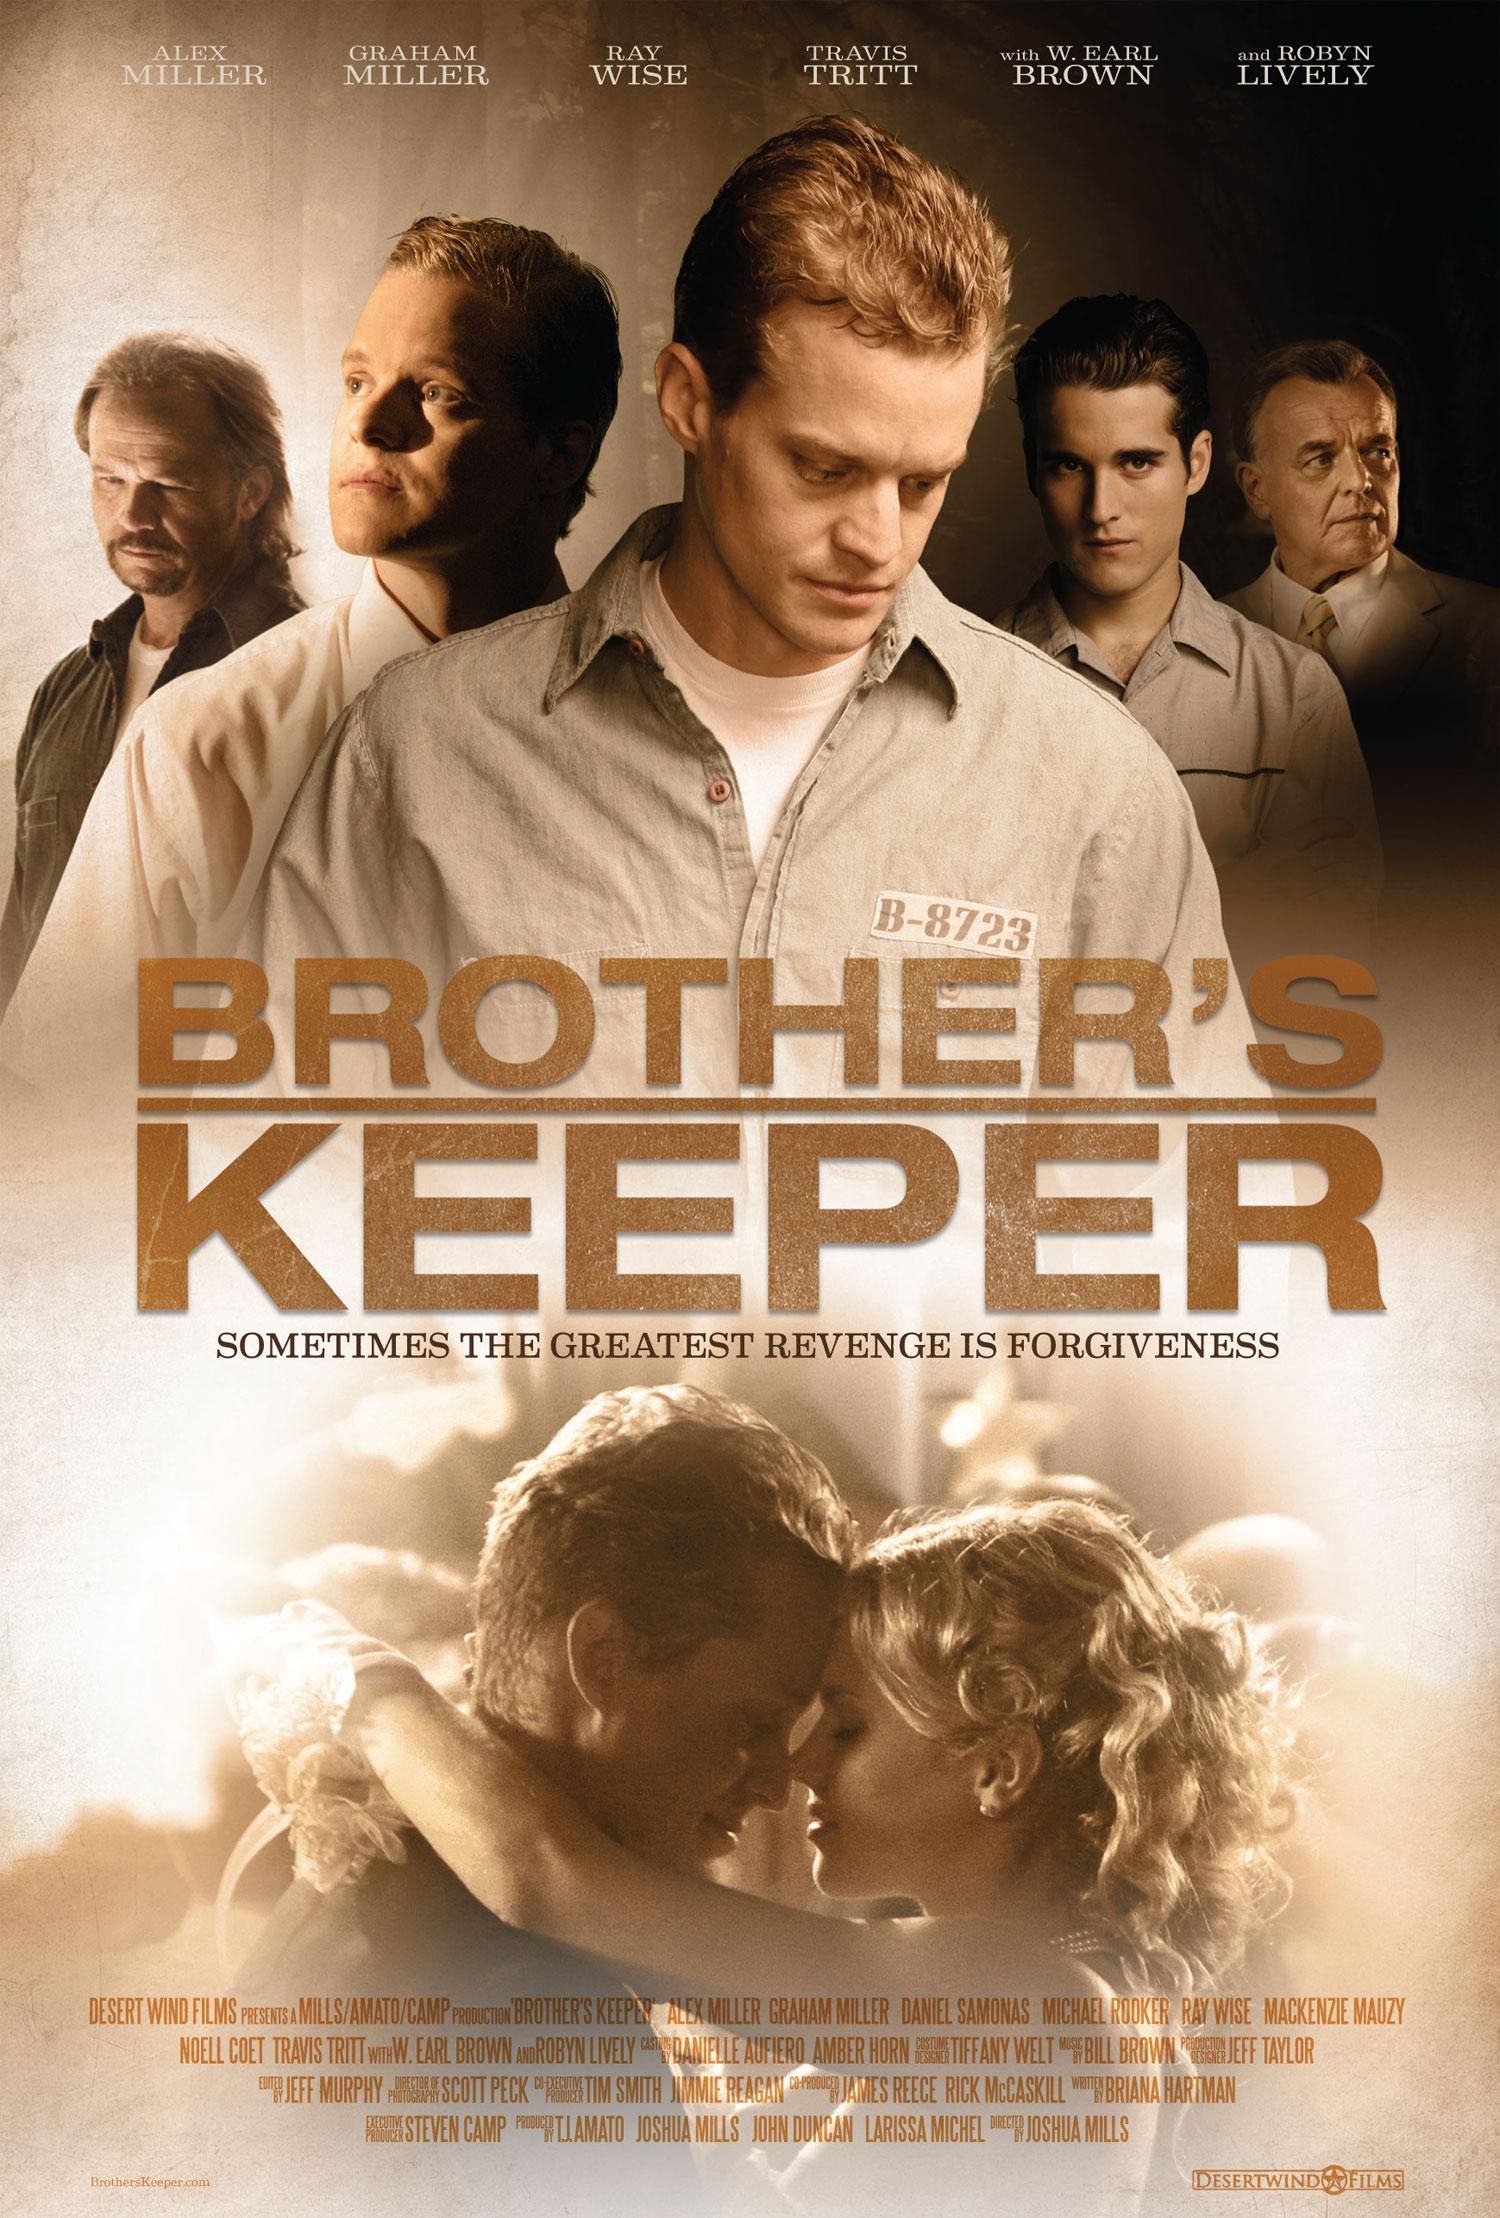 05. BrothersKeeperPoster.jpg